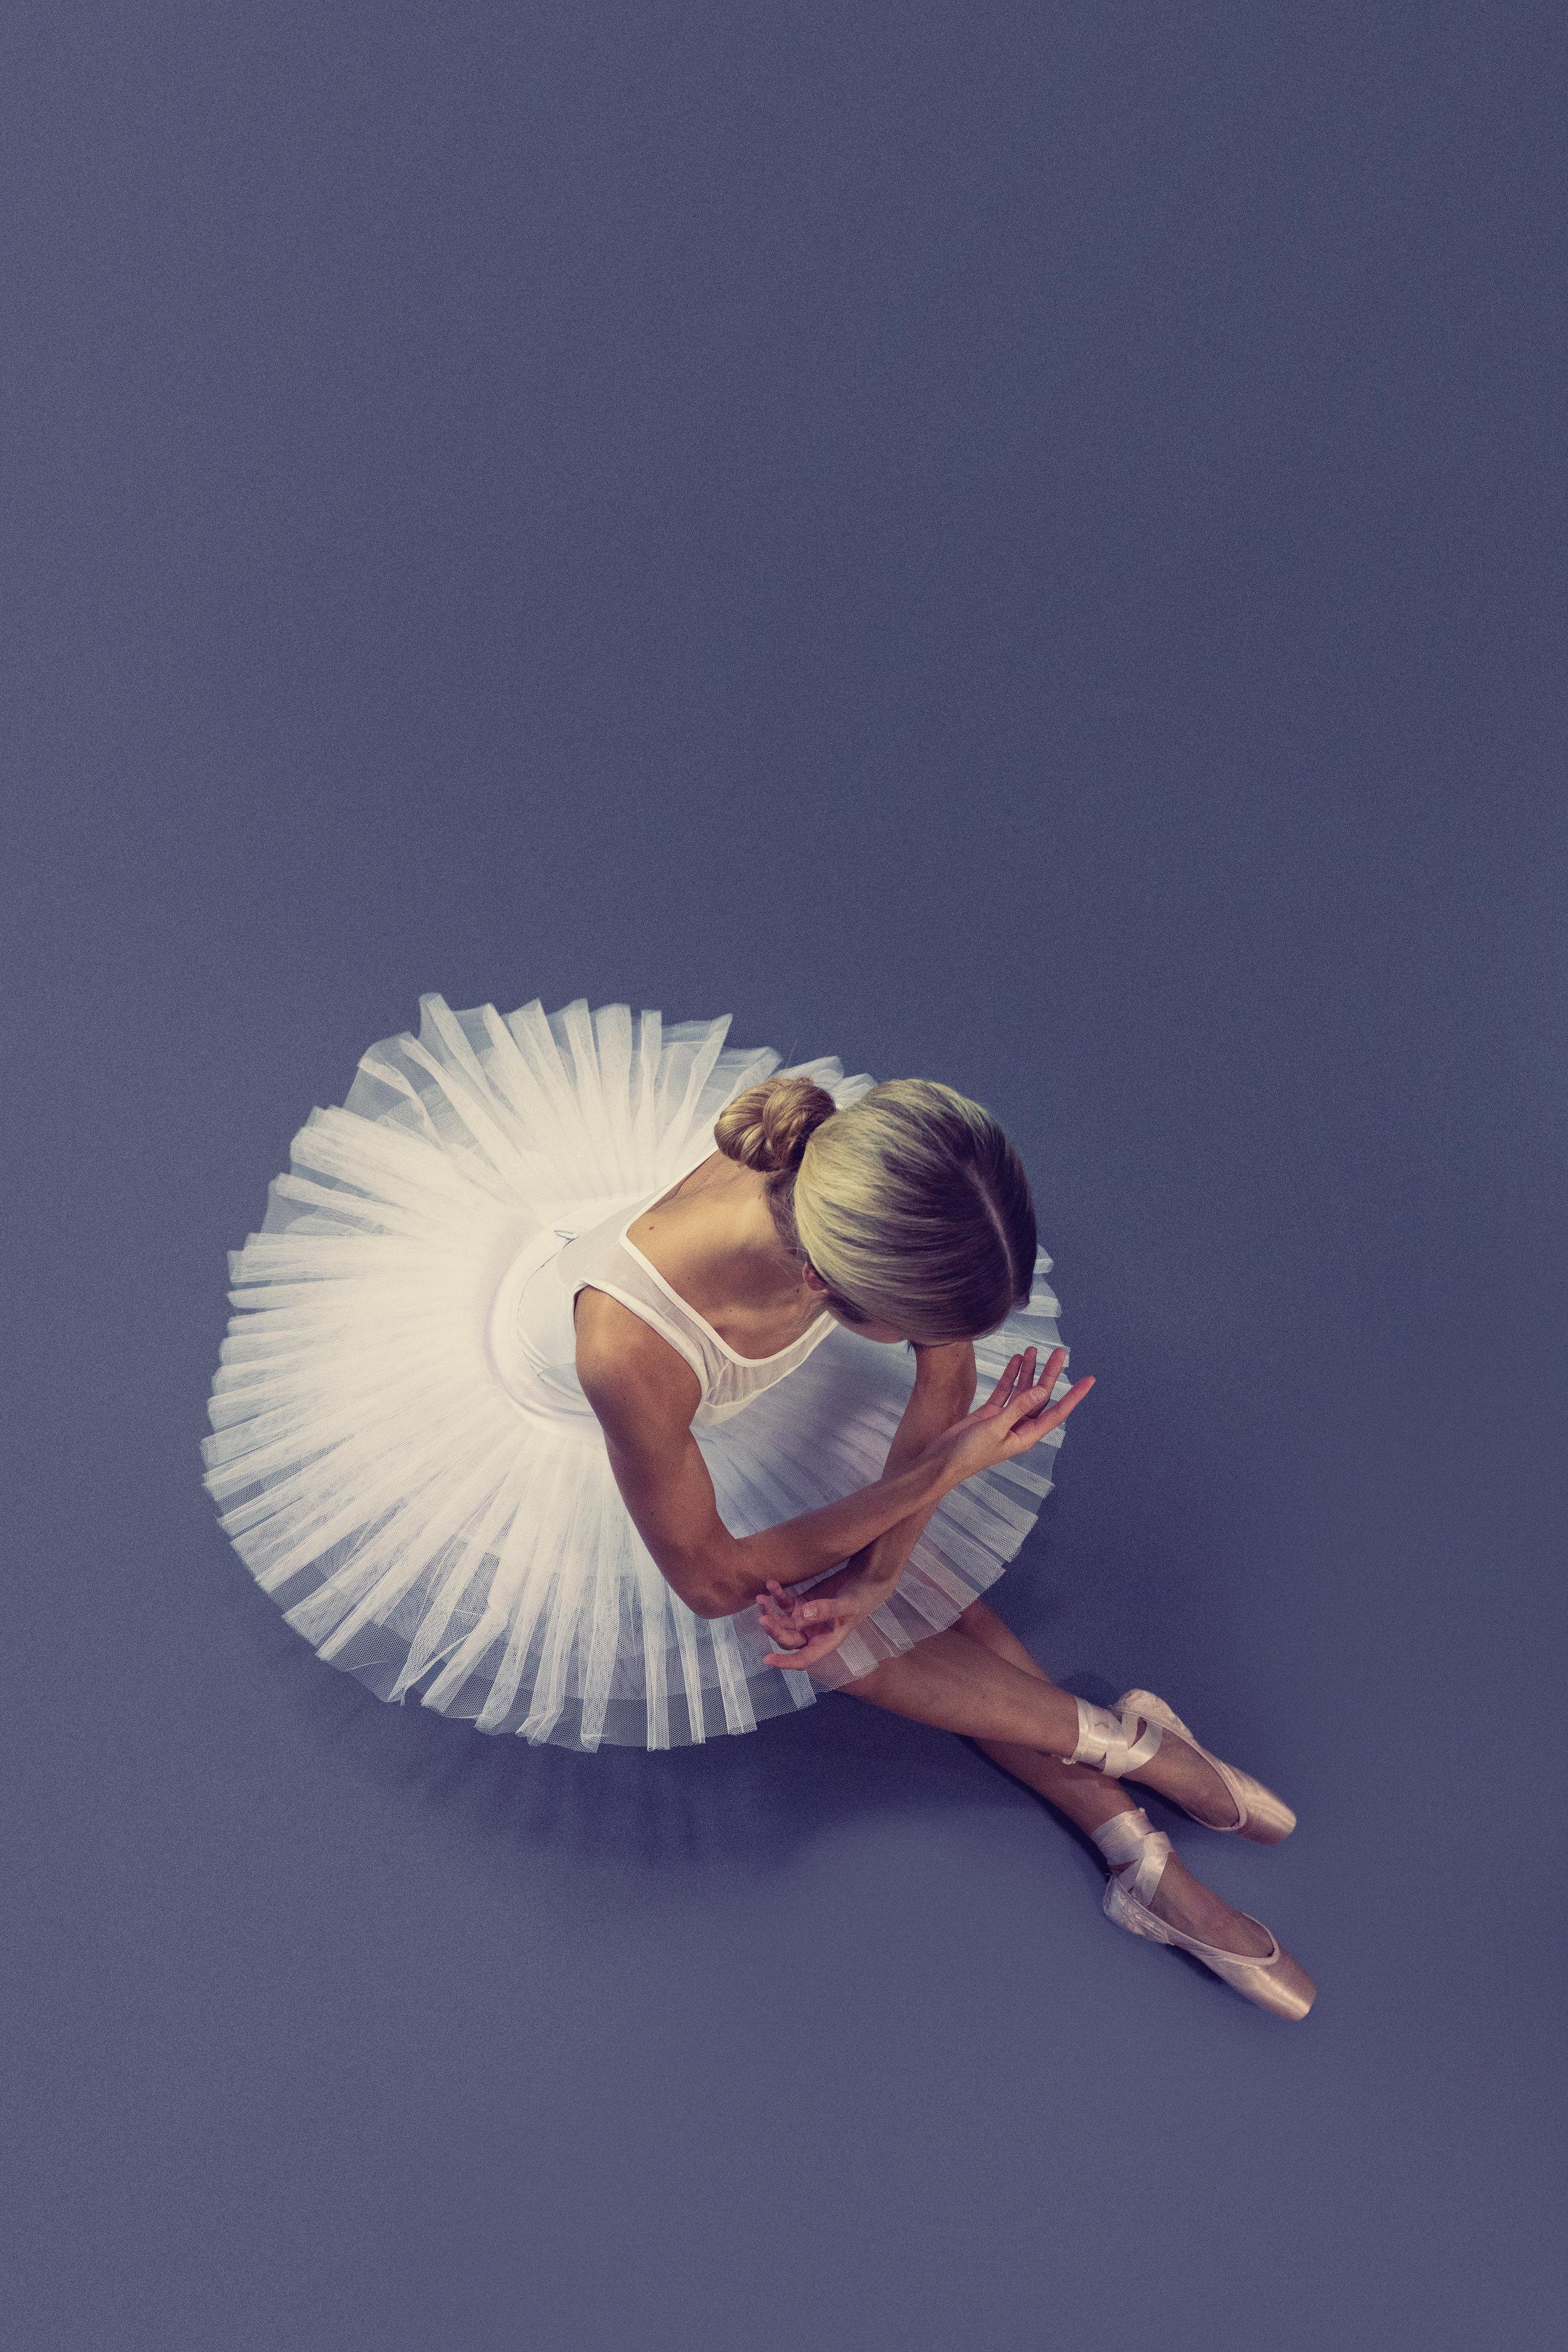 Overhead Shot of a Ballerina